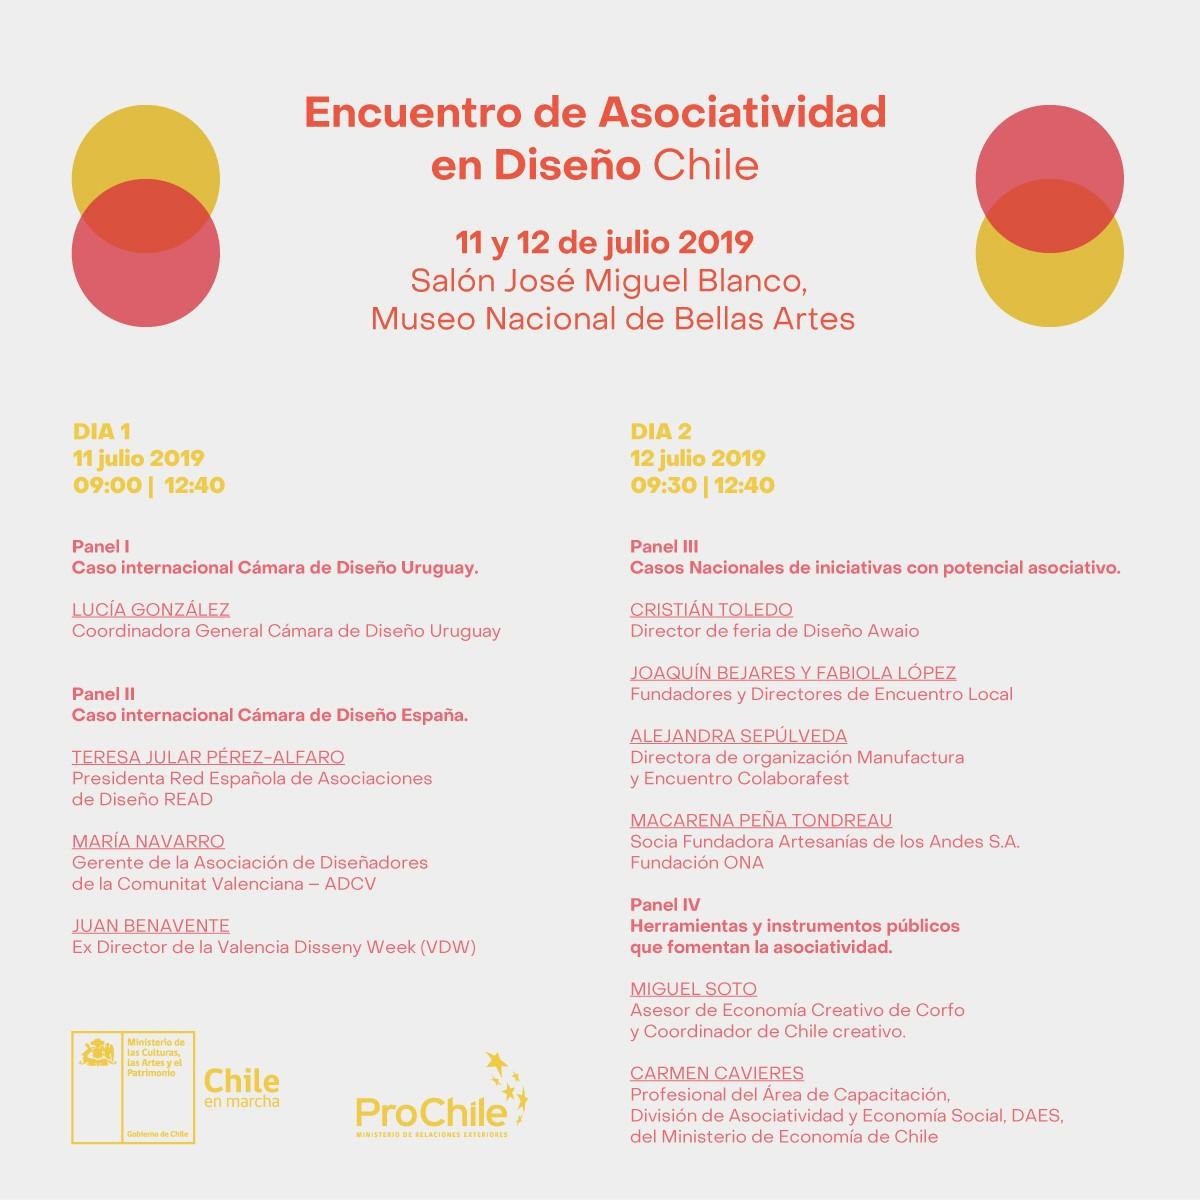 Programa Encuentro de Asociatividad en Diseño Chile